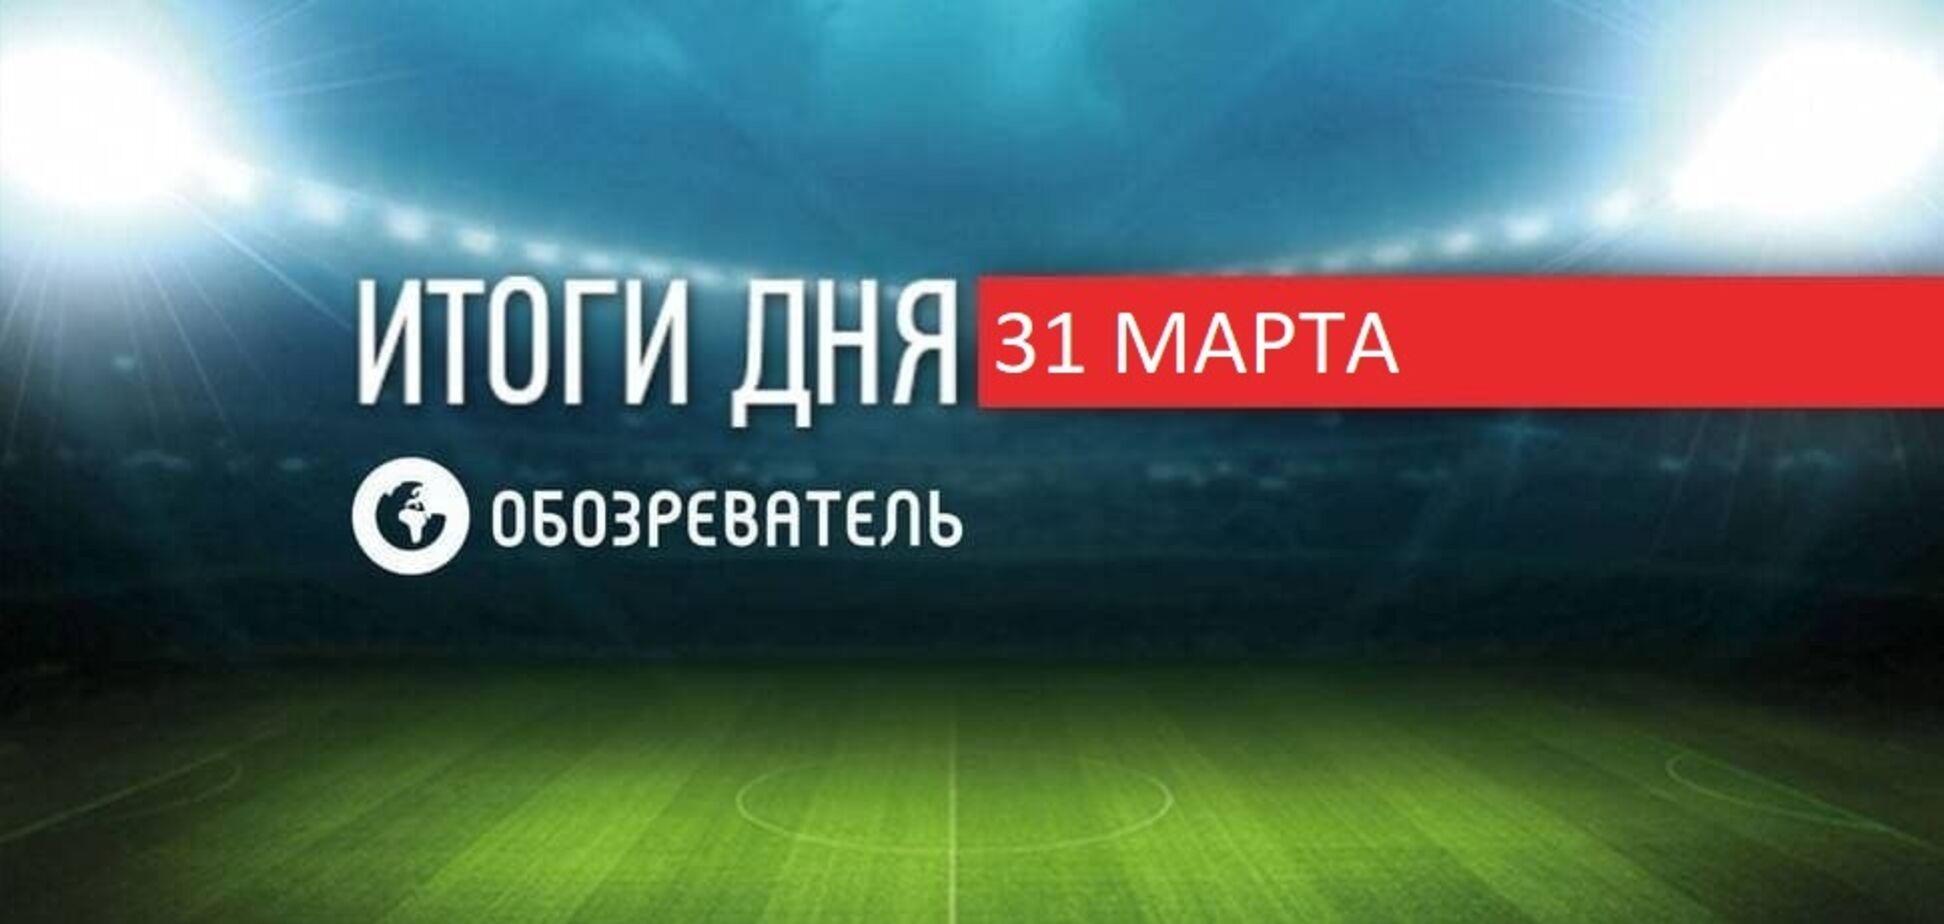 Новости спорта 31 марта: Украина не смогла обыграть Казахстан, курьез с игроками сборной России